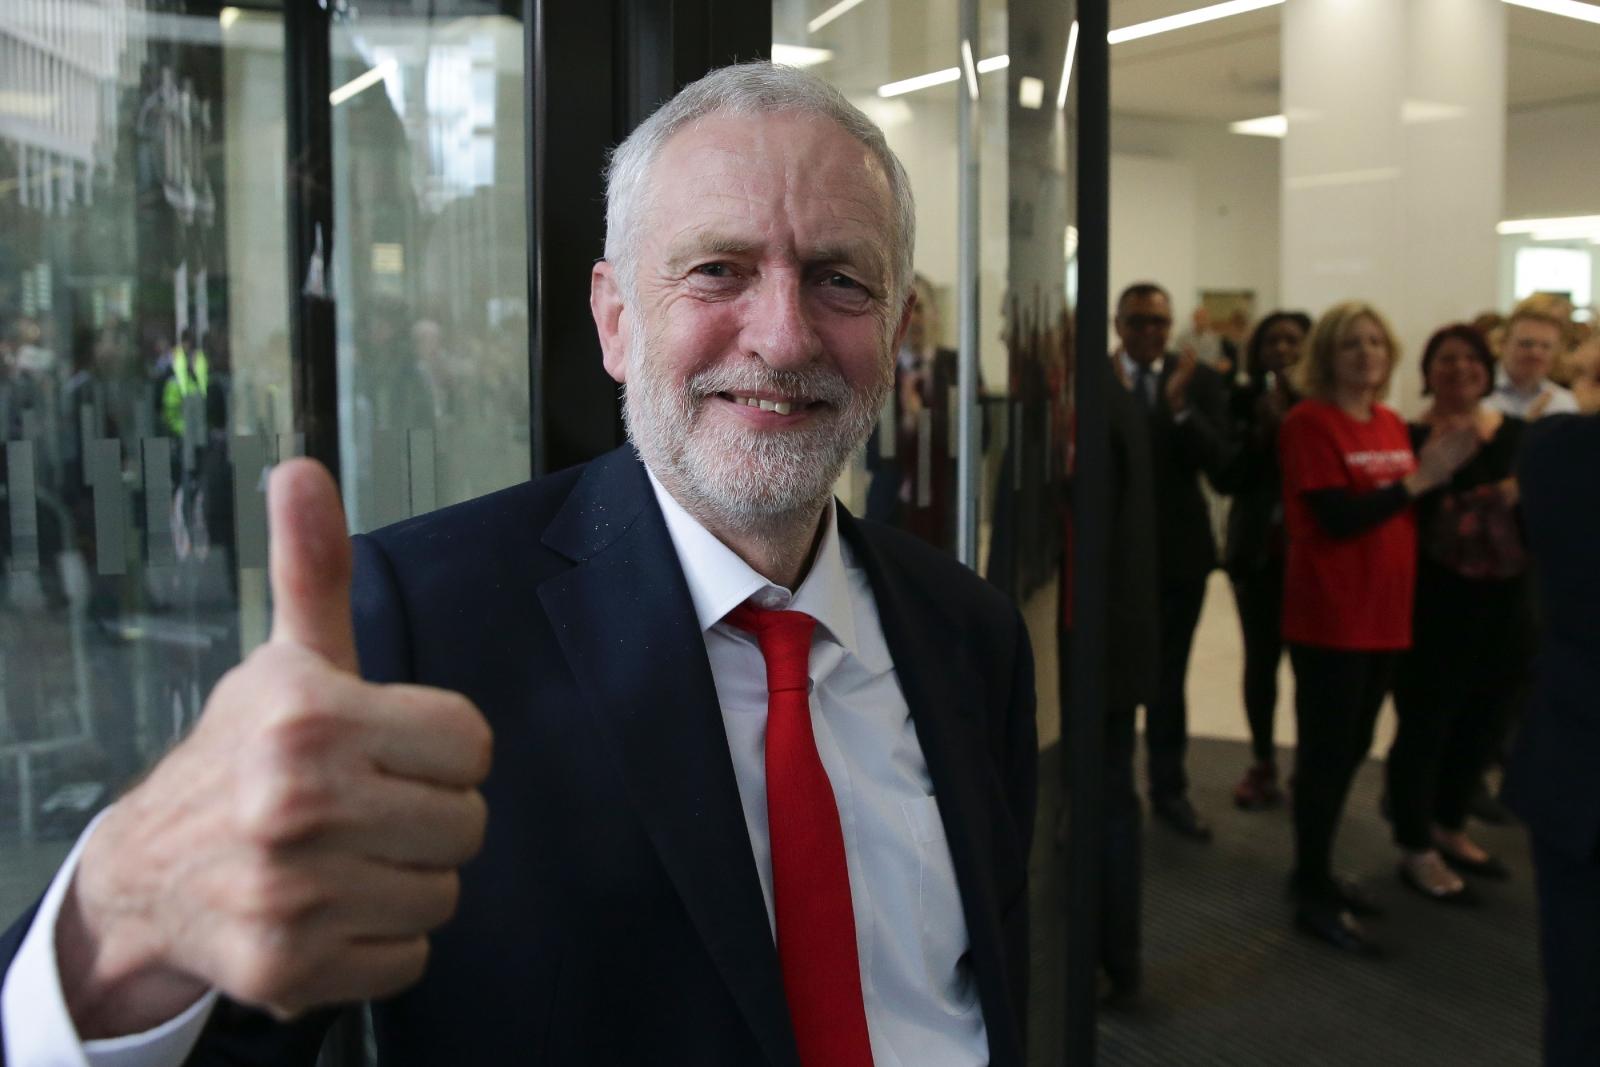 UK election 2017 Jeremy Corbyn